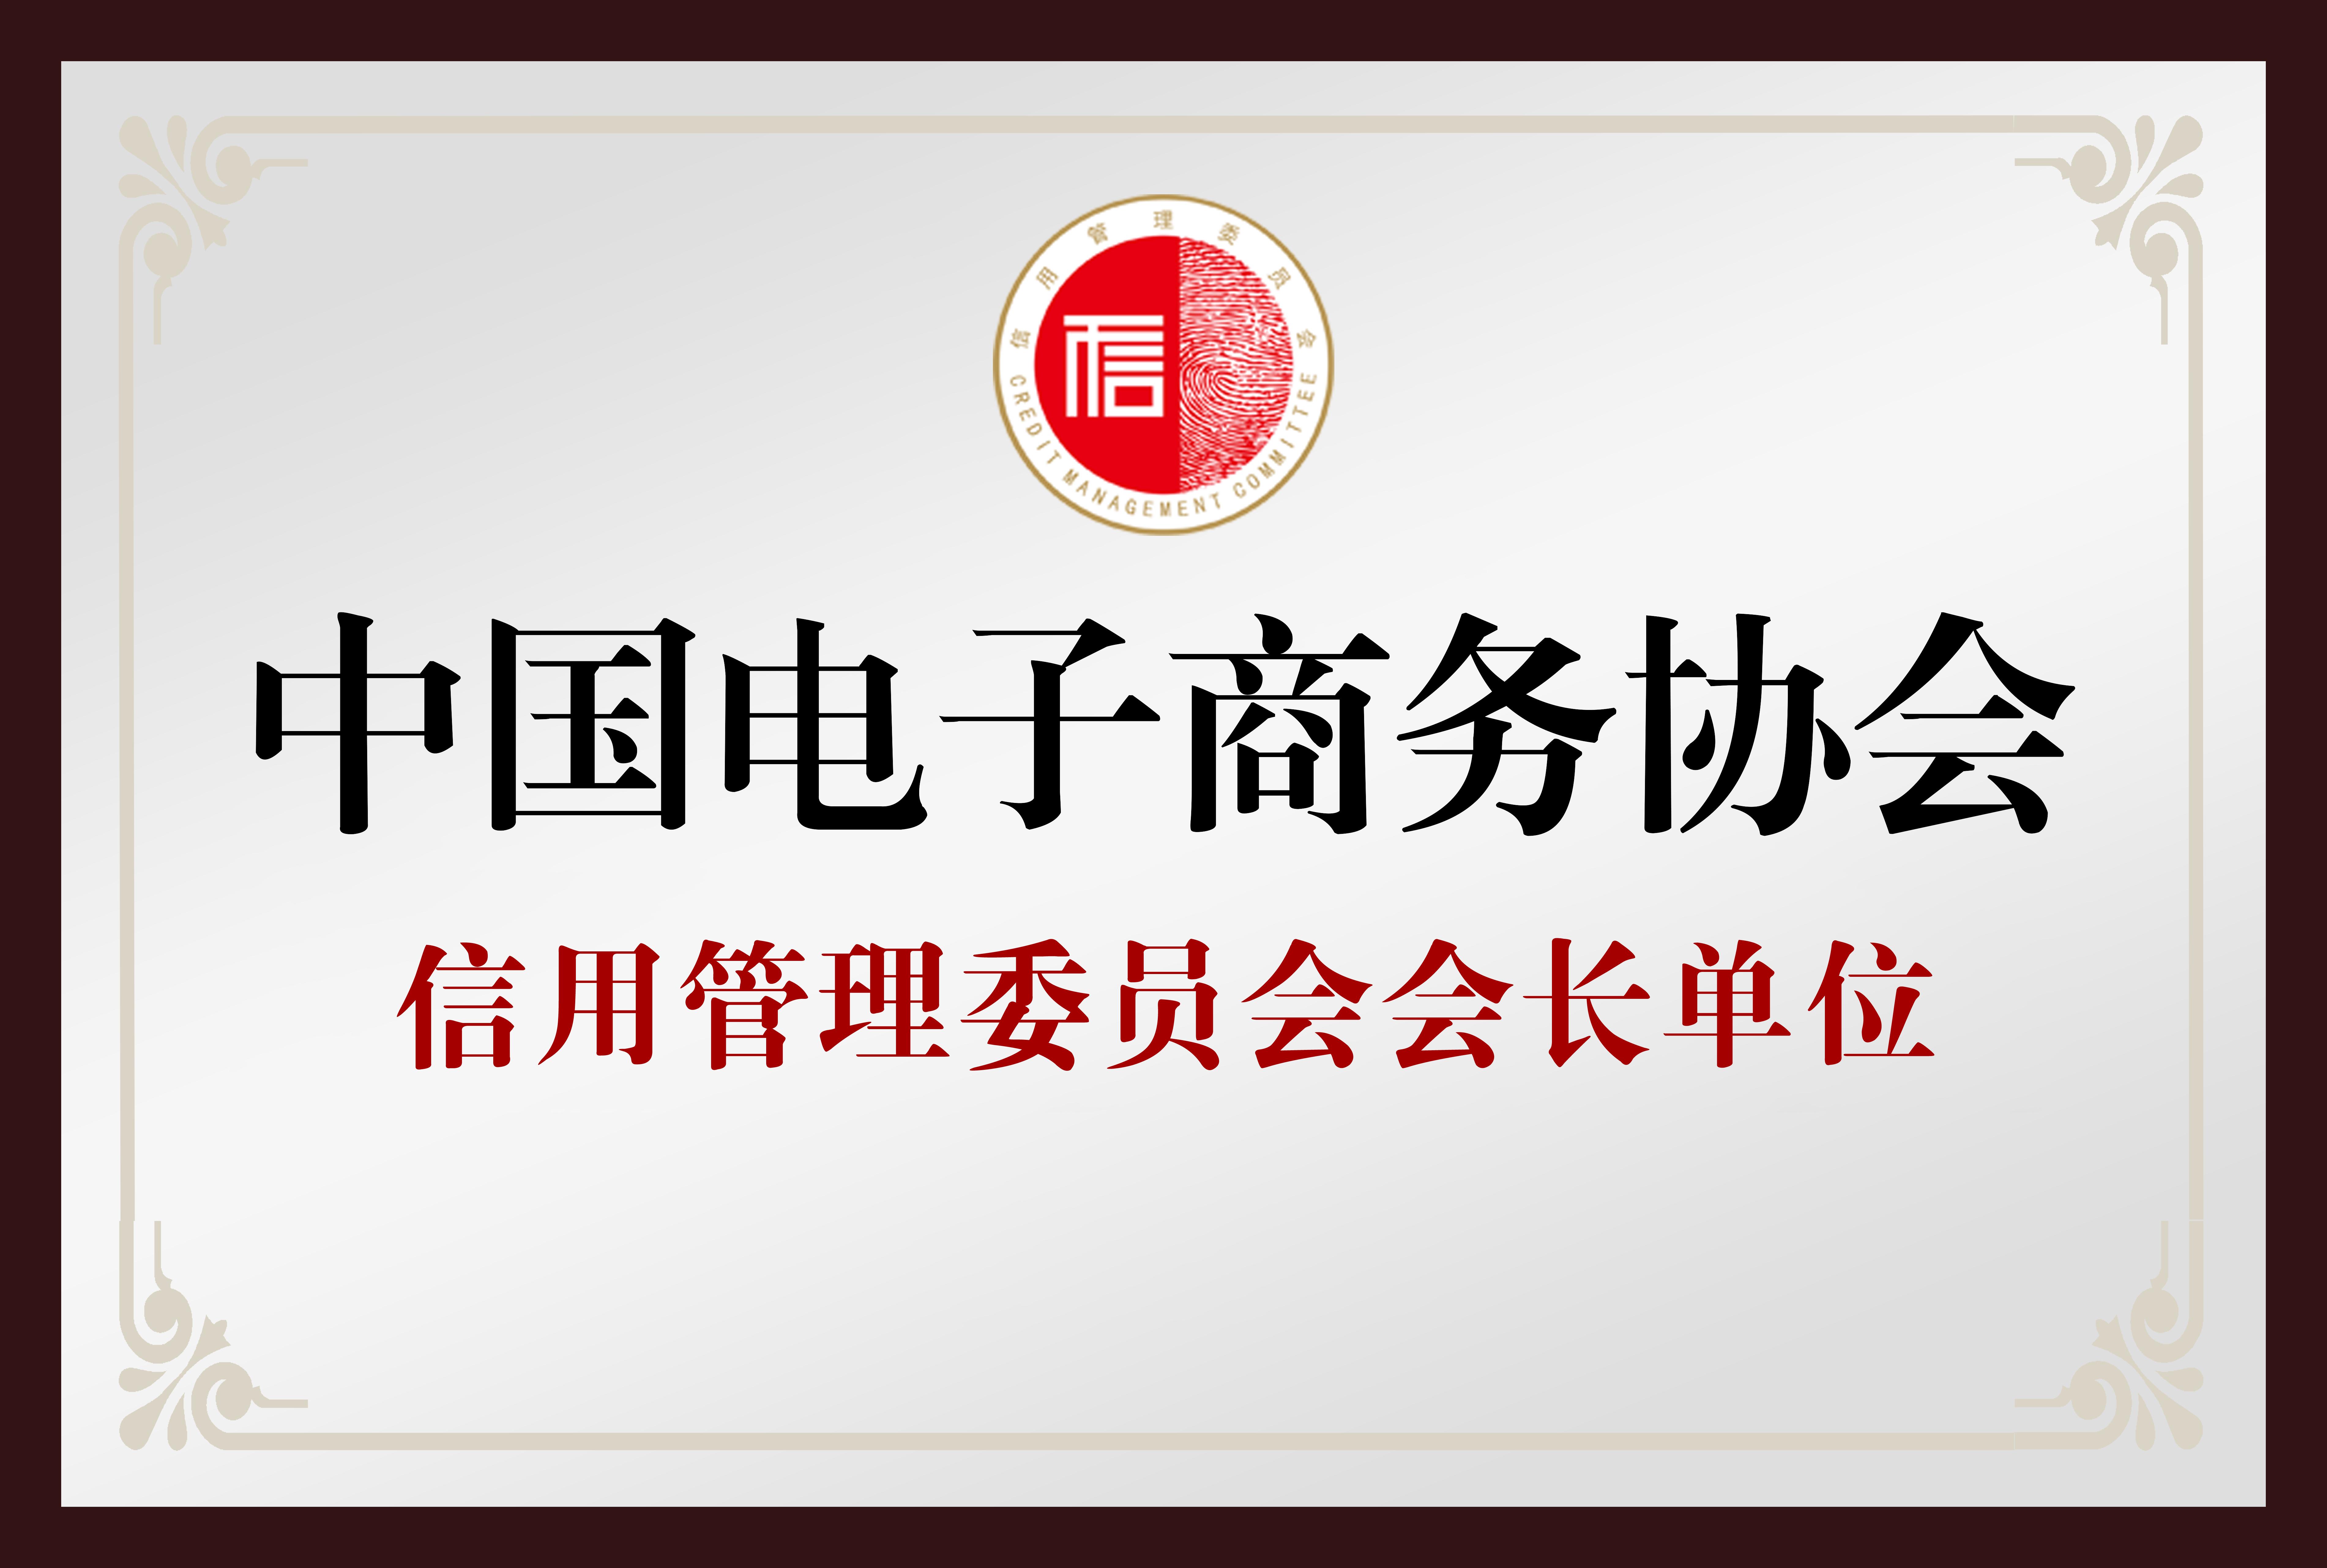 信用管理委员会会长单位更新.jpg